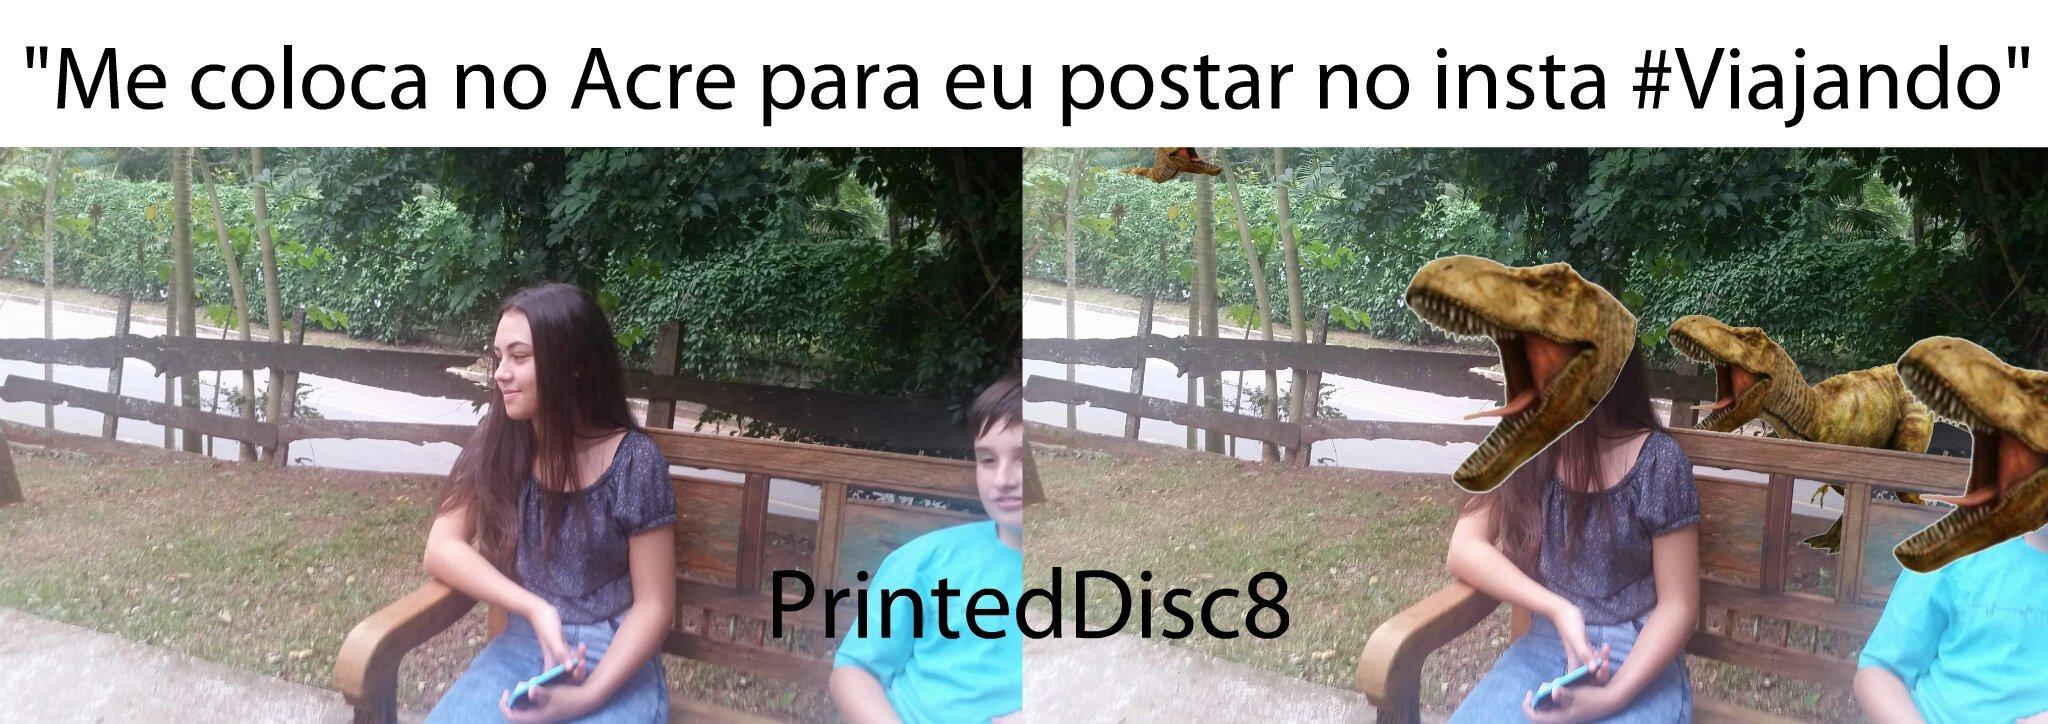 Acre - meme